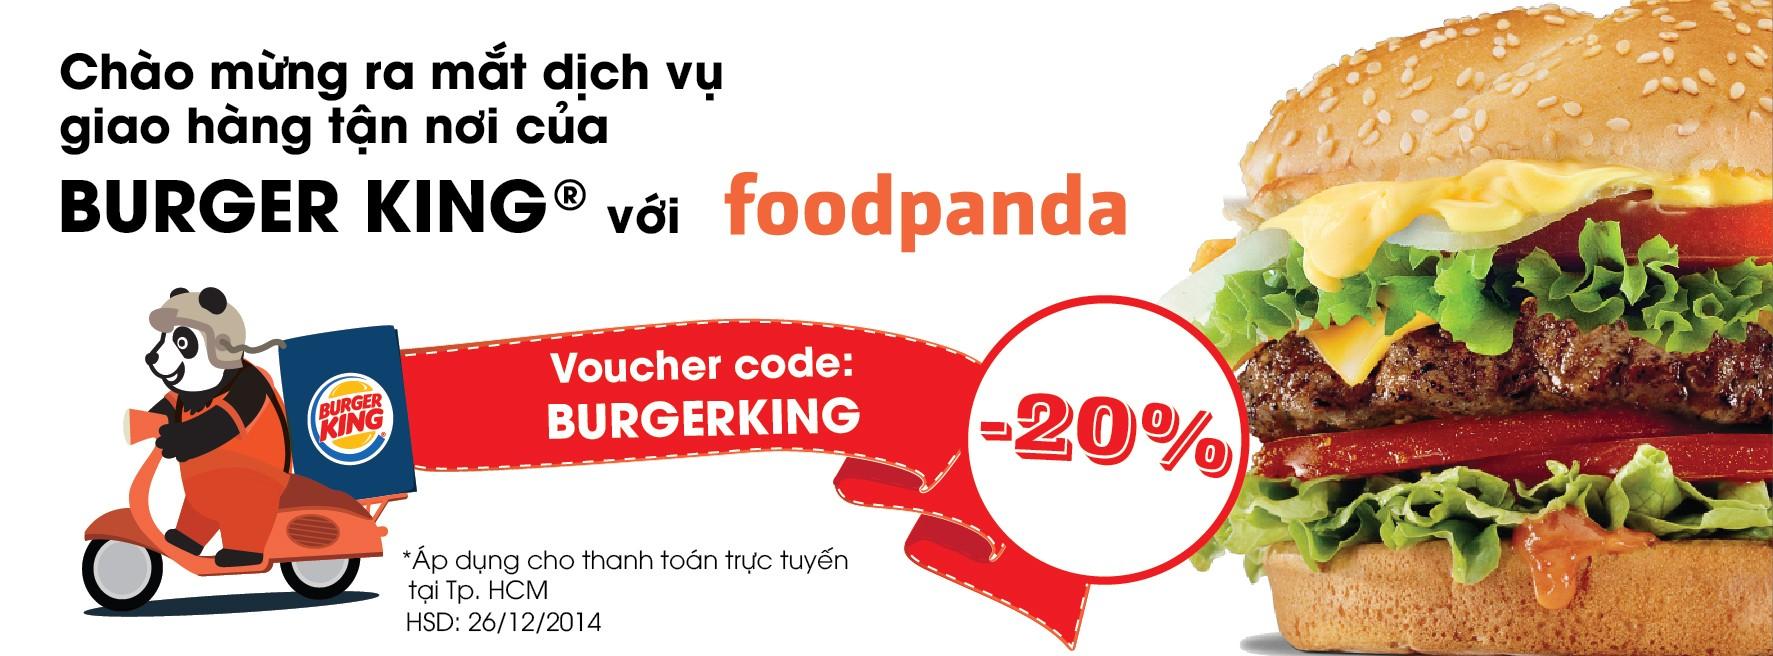 Hop tac foodpanda Burger King - Burger King hợp tác độc quyền với foodpanda